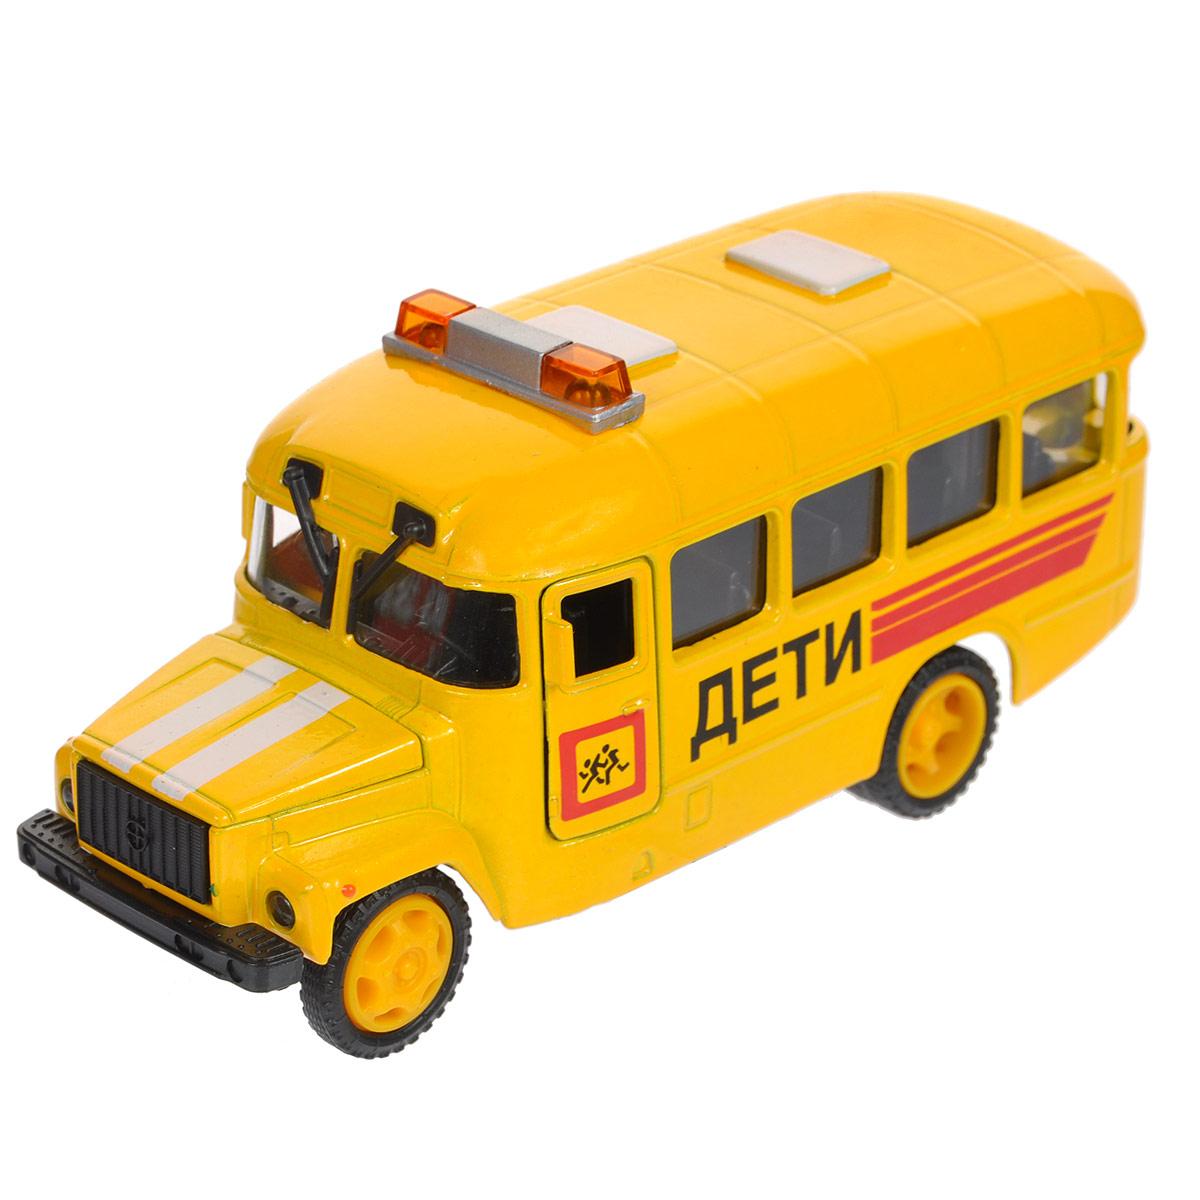 ТехноПарк Машинка инерционная КАвЗ ДетиCT10-069-5Машинка ТехноПарк КАвЗ Дети, выполненная из пластика и металла, станет любимой игрушкой вашего малыша. Игрушка представляет собой машину КАвЗ Дети, оснащенную открывающимися дверьми и капотом. При нажатии на заднюю часть игрушки фары и мигалка на крыше начинают светиться под звуки, характерные ситуации. Игрушка оснащена инерционным ходом. Машинку необходимо отвести назад, слегка надавив на крышу, затем отпустить - и она быстро поедет вперед. Прорезиненные колеса обеспечивают надежное сцепление с любой поверхностью пола. Ваш ребенок будет часами играть с этой машинкой, придумывая различные истории. Порадуйте его таким замечательным подарком! Машинка работает от батареек (товар комплектуется демонстрационными).